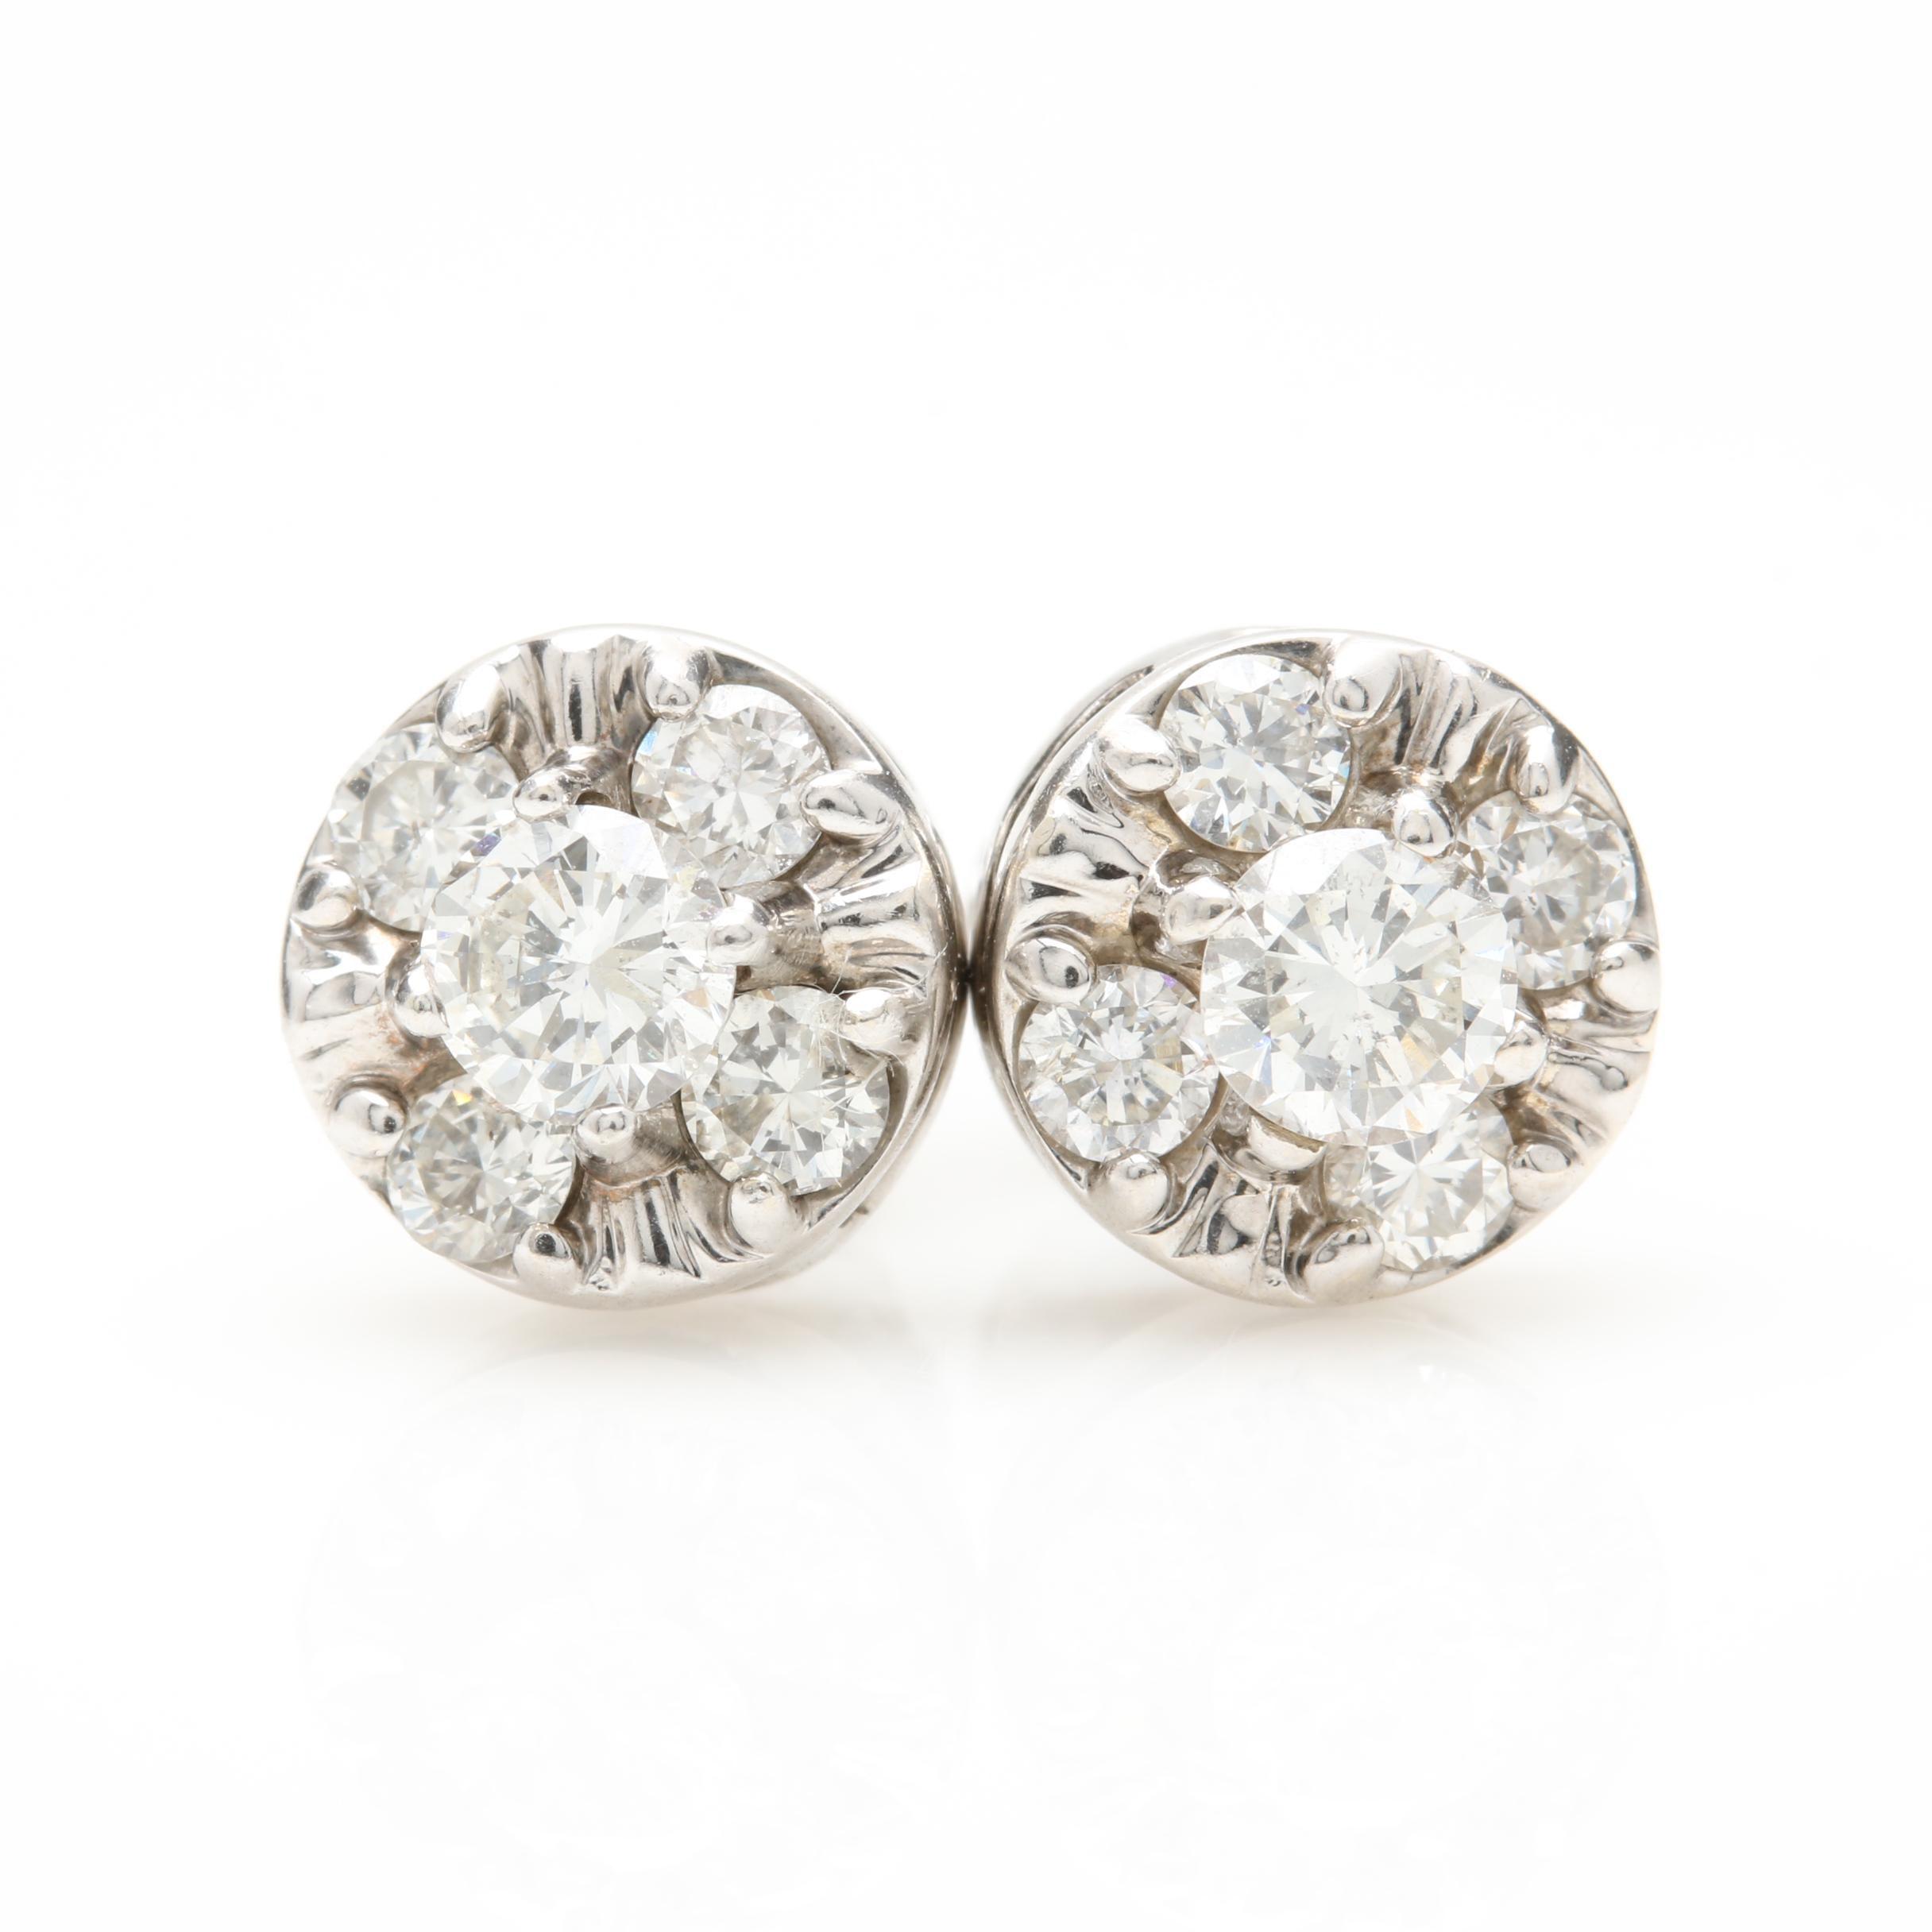 14K White Gold 1.00 CTW Diamond Earrings